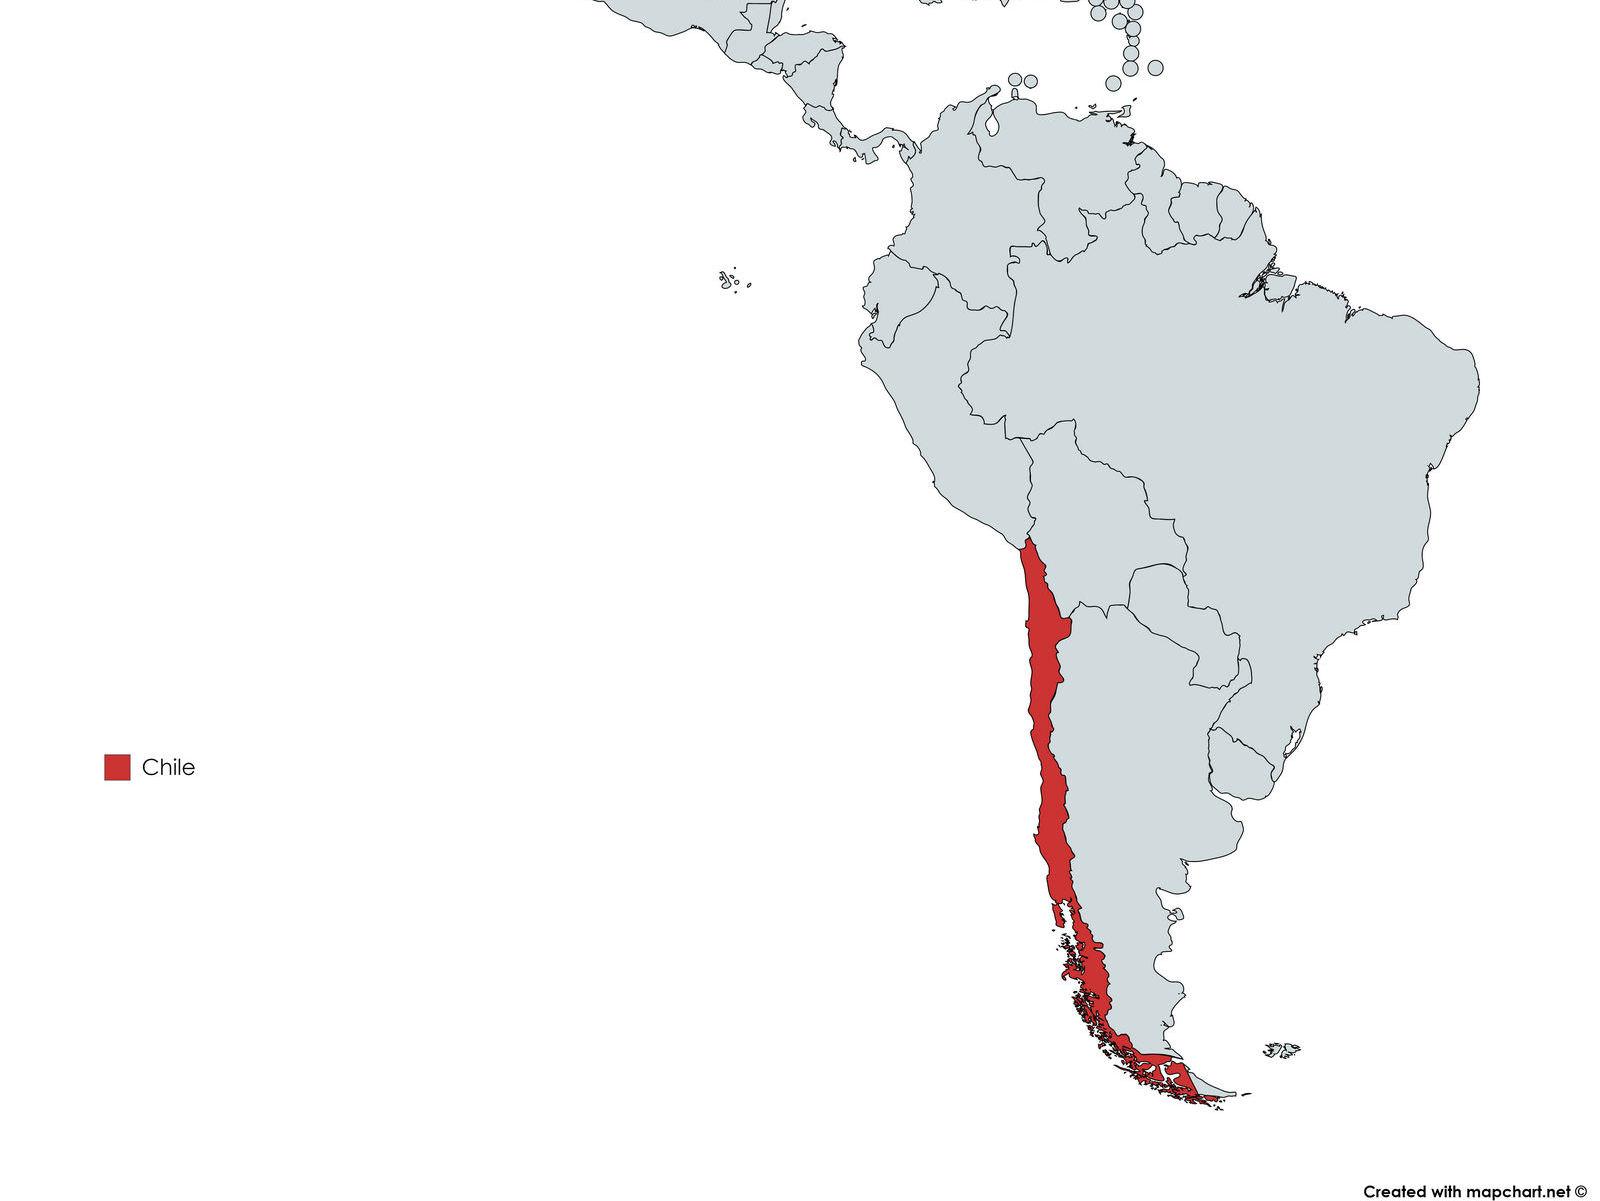 MAPA CHILE